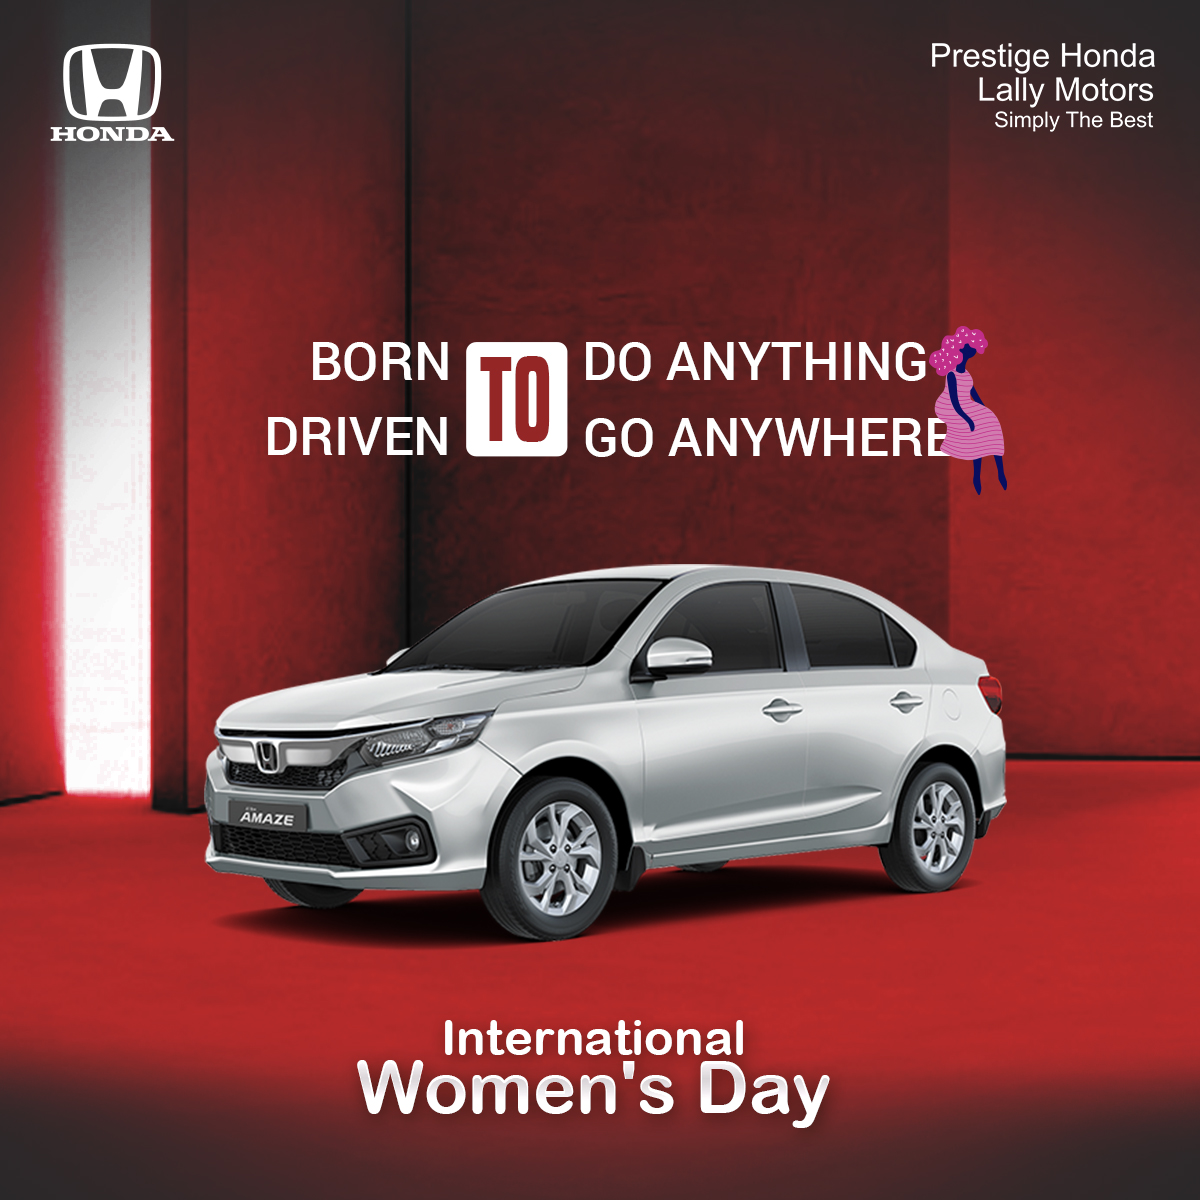 Honda Creatives Design for International Women's Day